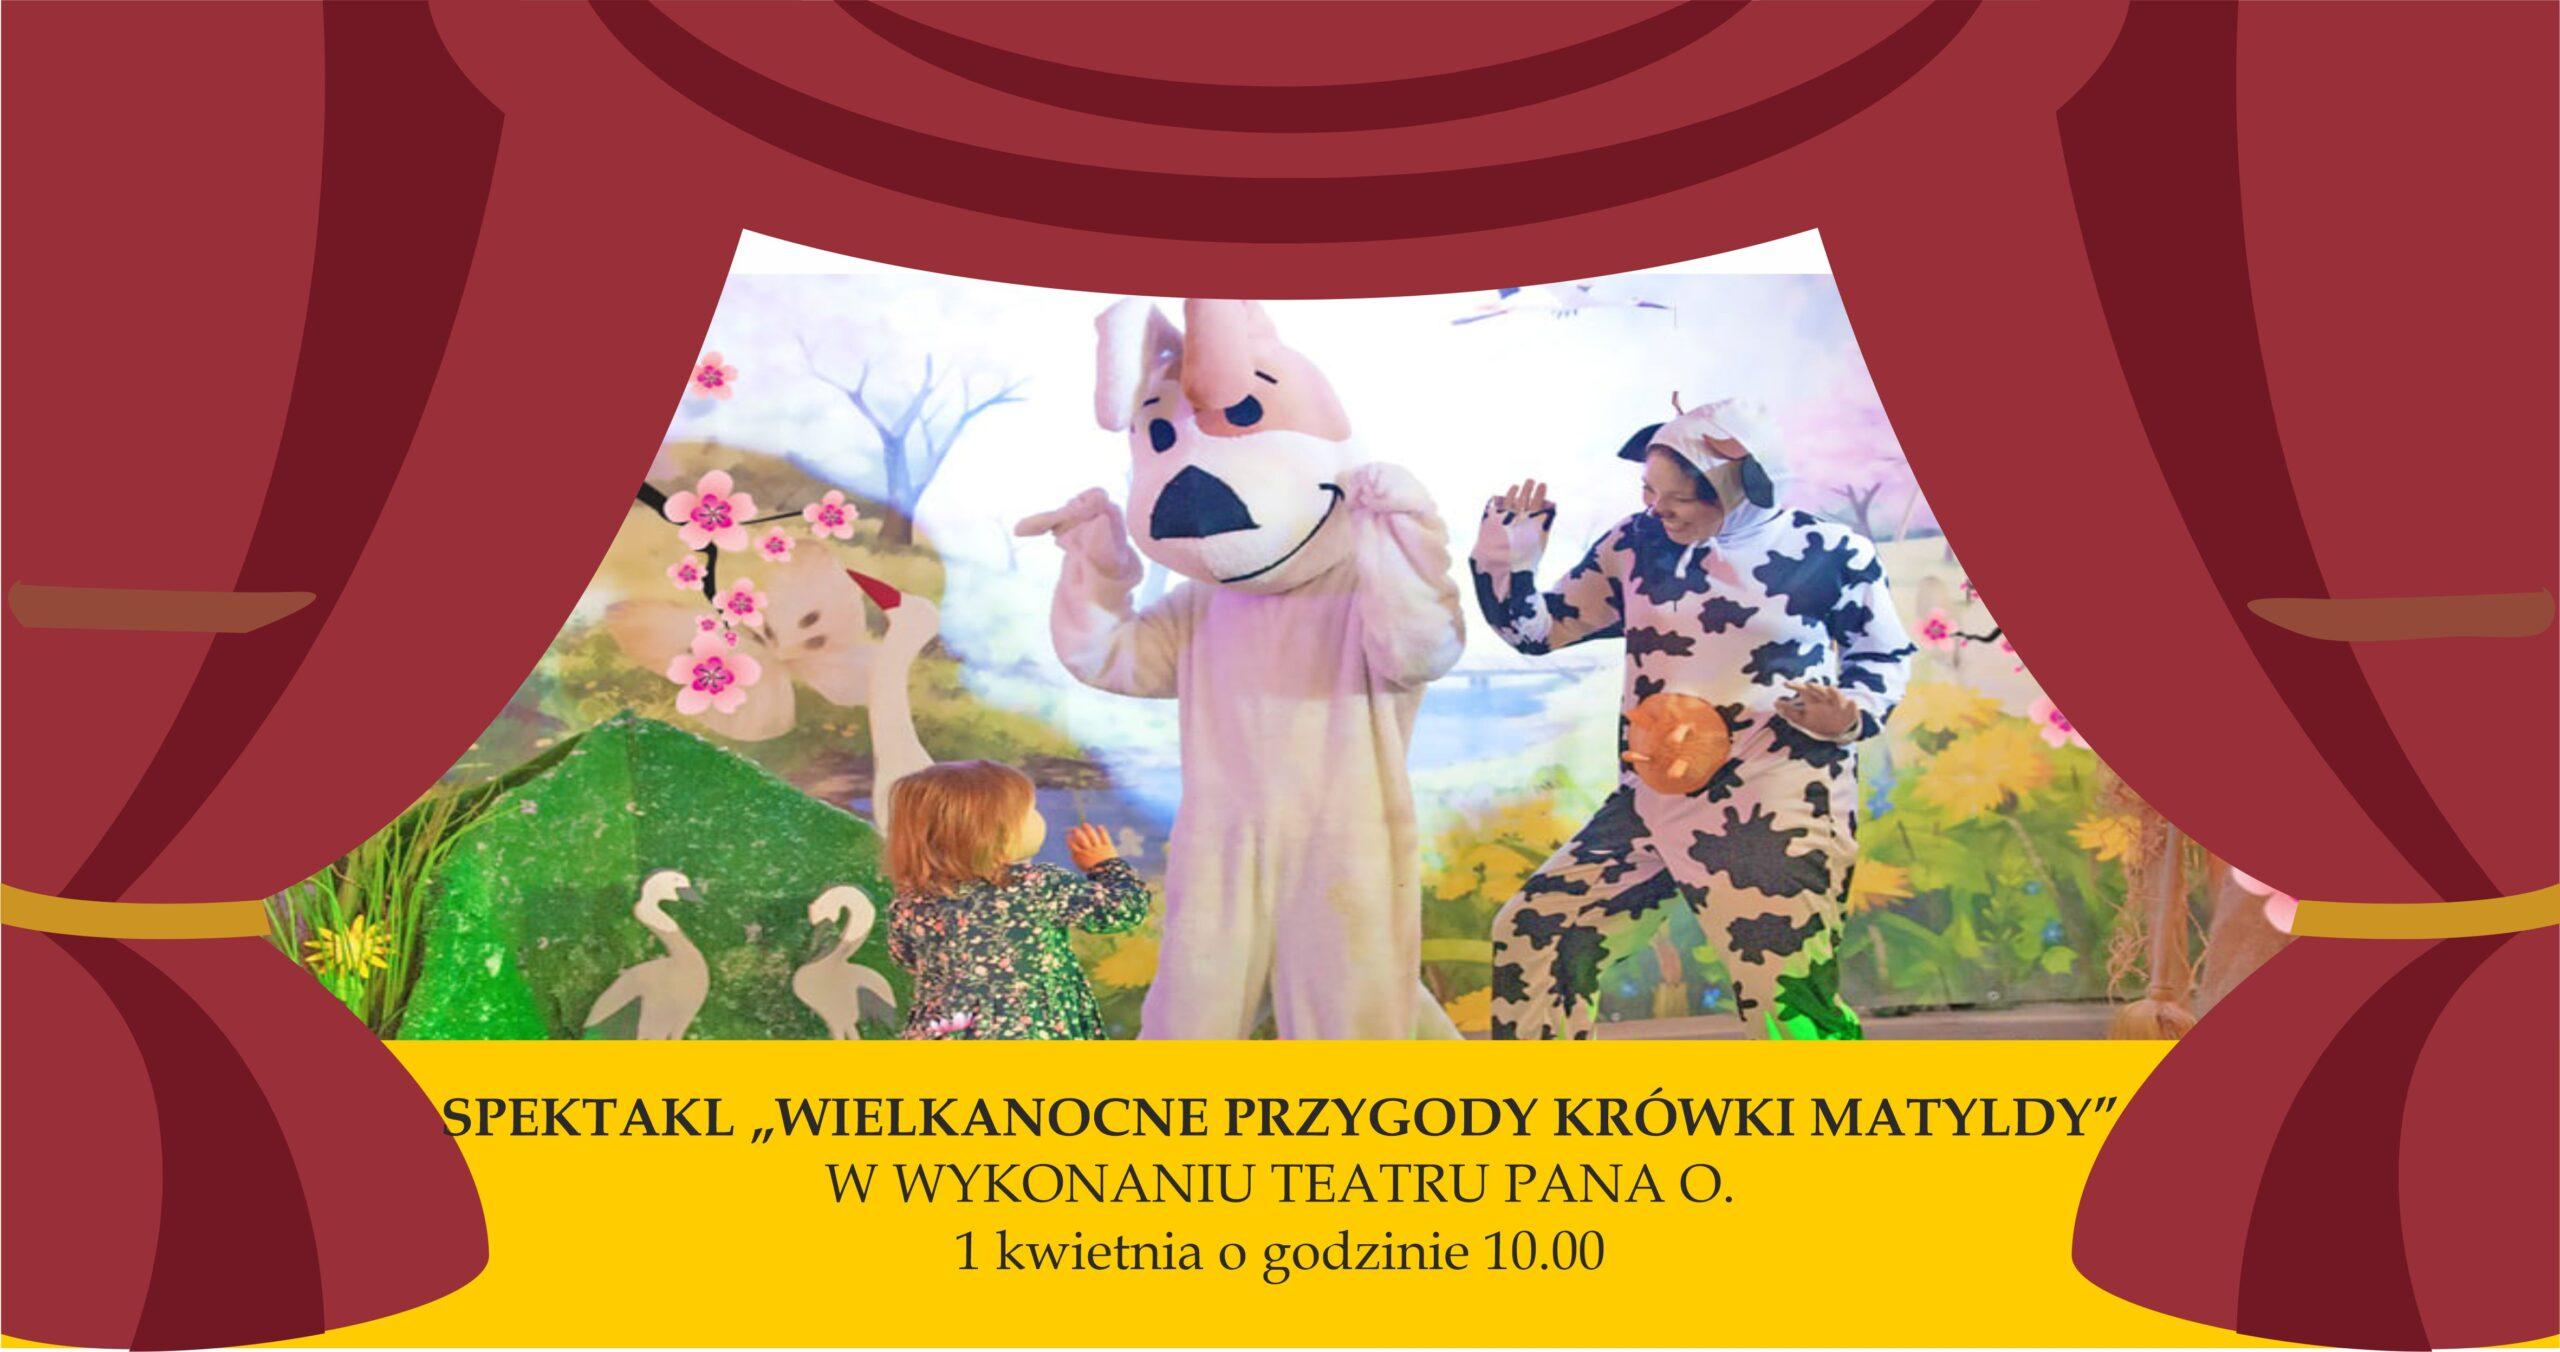 scena teatralna na niej Reksio i krówka Matylda. Pod spodem napis spektakl Wielkanocne przygody krówki matyldy